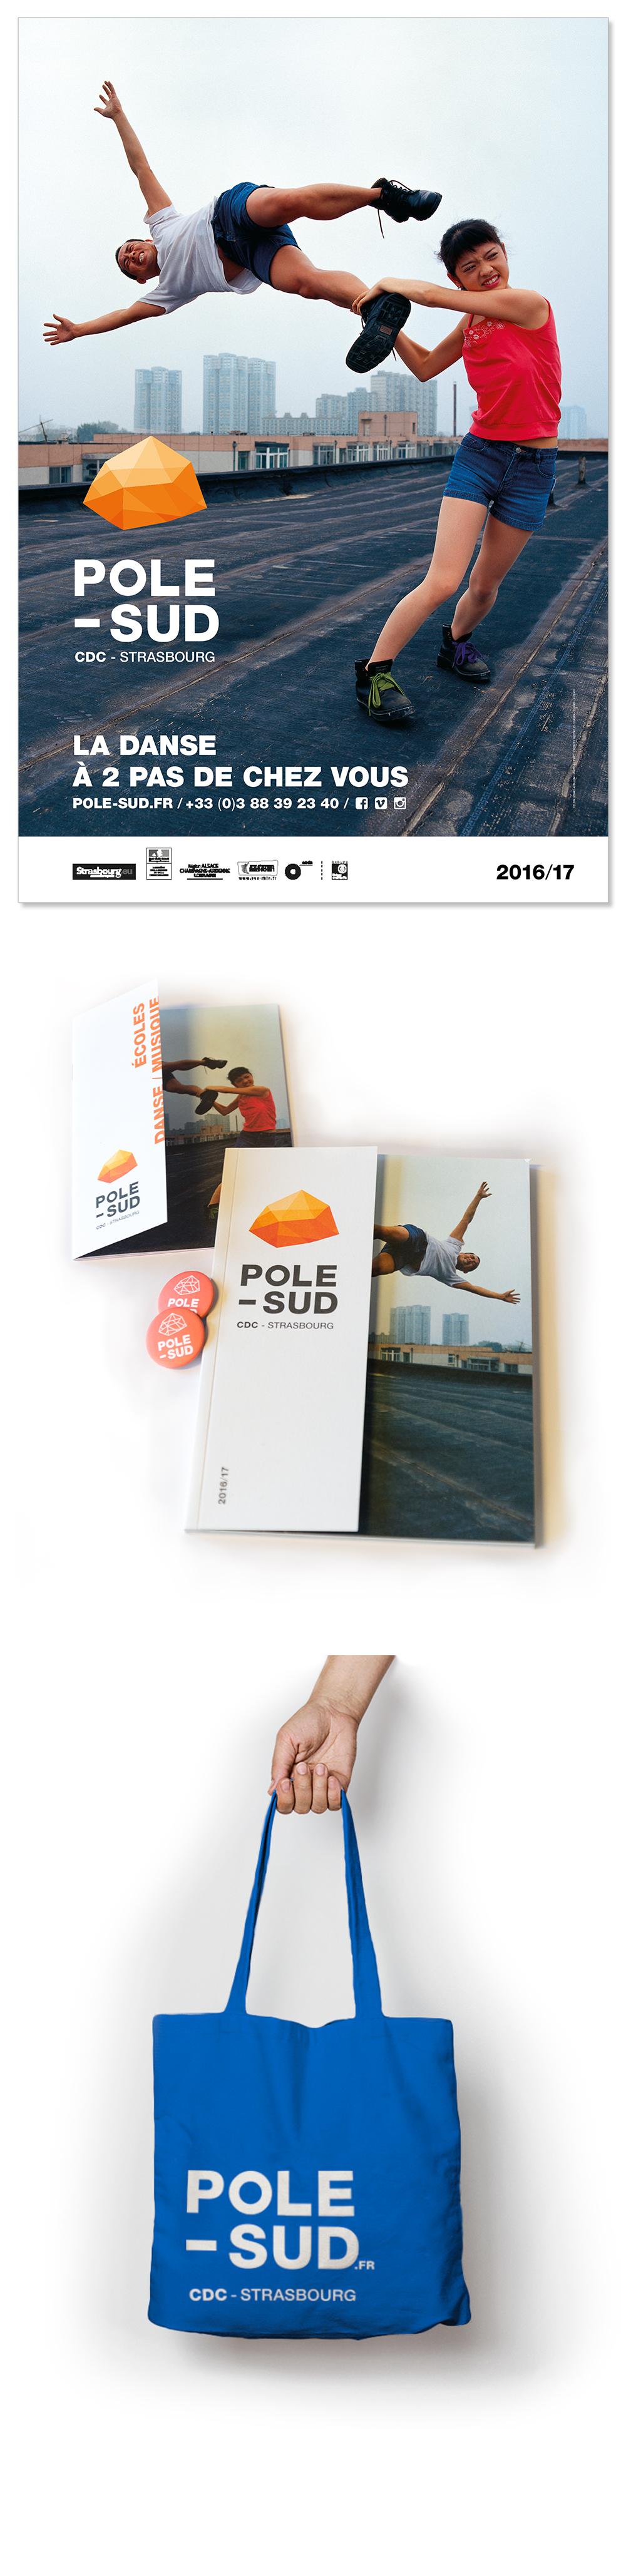 Pôle sud<em> — Saison 2016-2017</em>